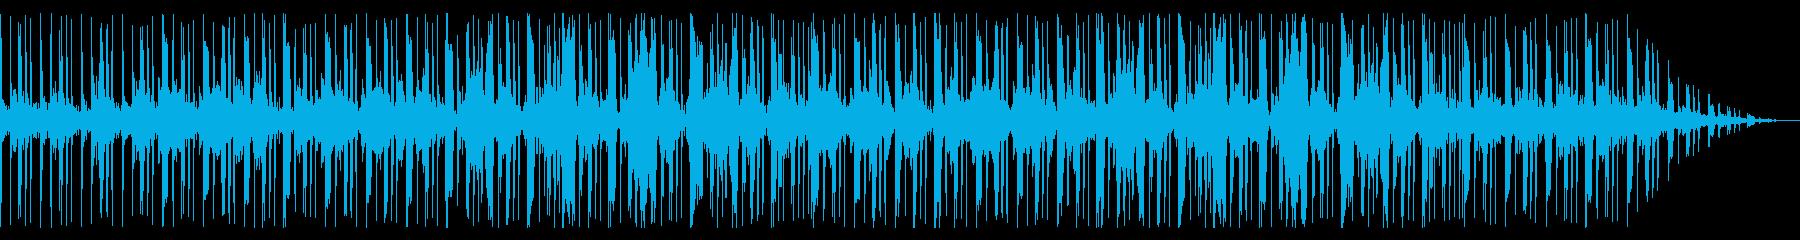 ゆったりしたローファイヒップホップ風作品の再生済みの波形